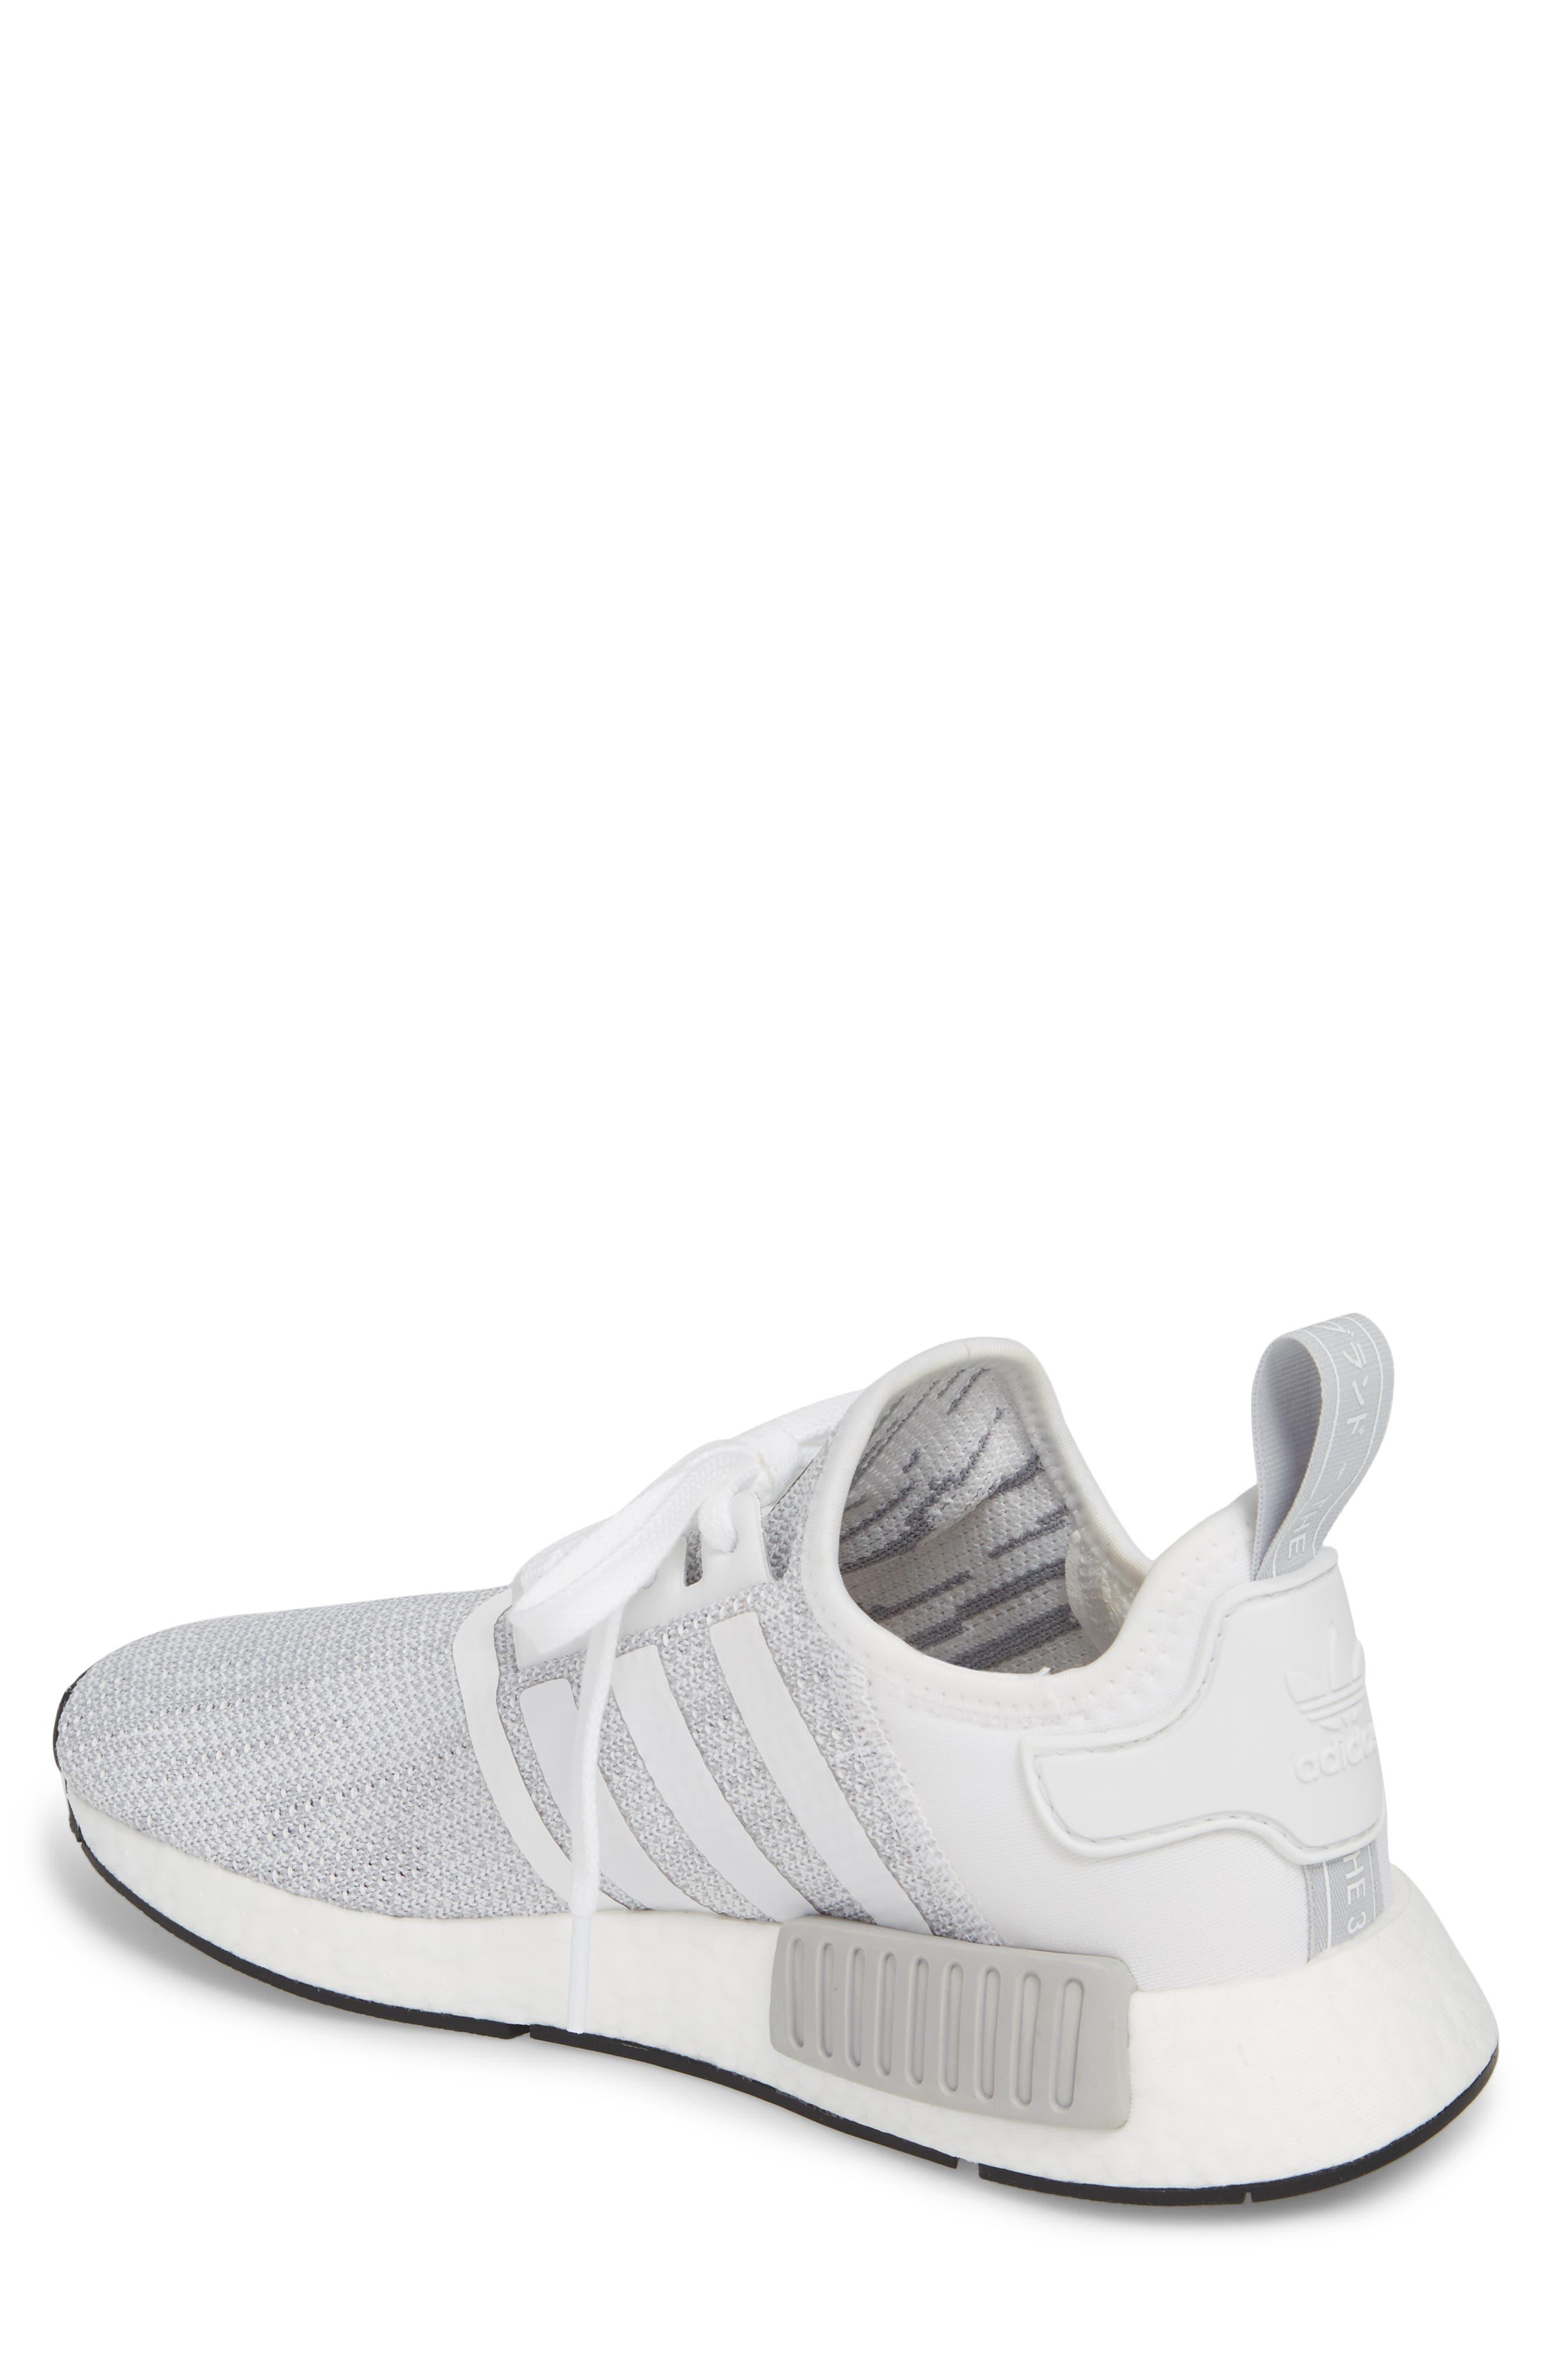 prezzi di vendita al dettaglio di adidas nmd sandro moscoloni scarpe blog